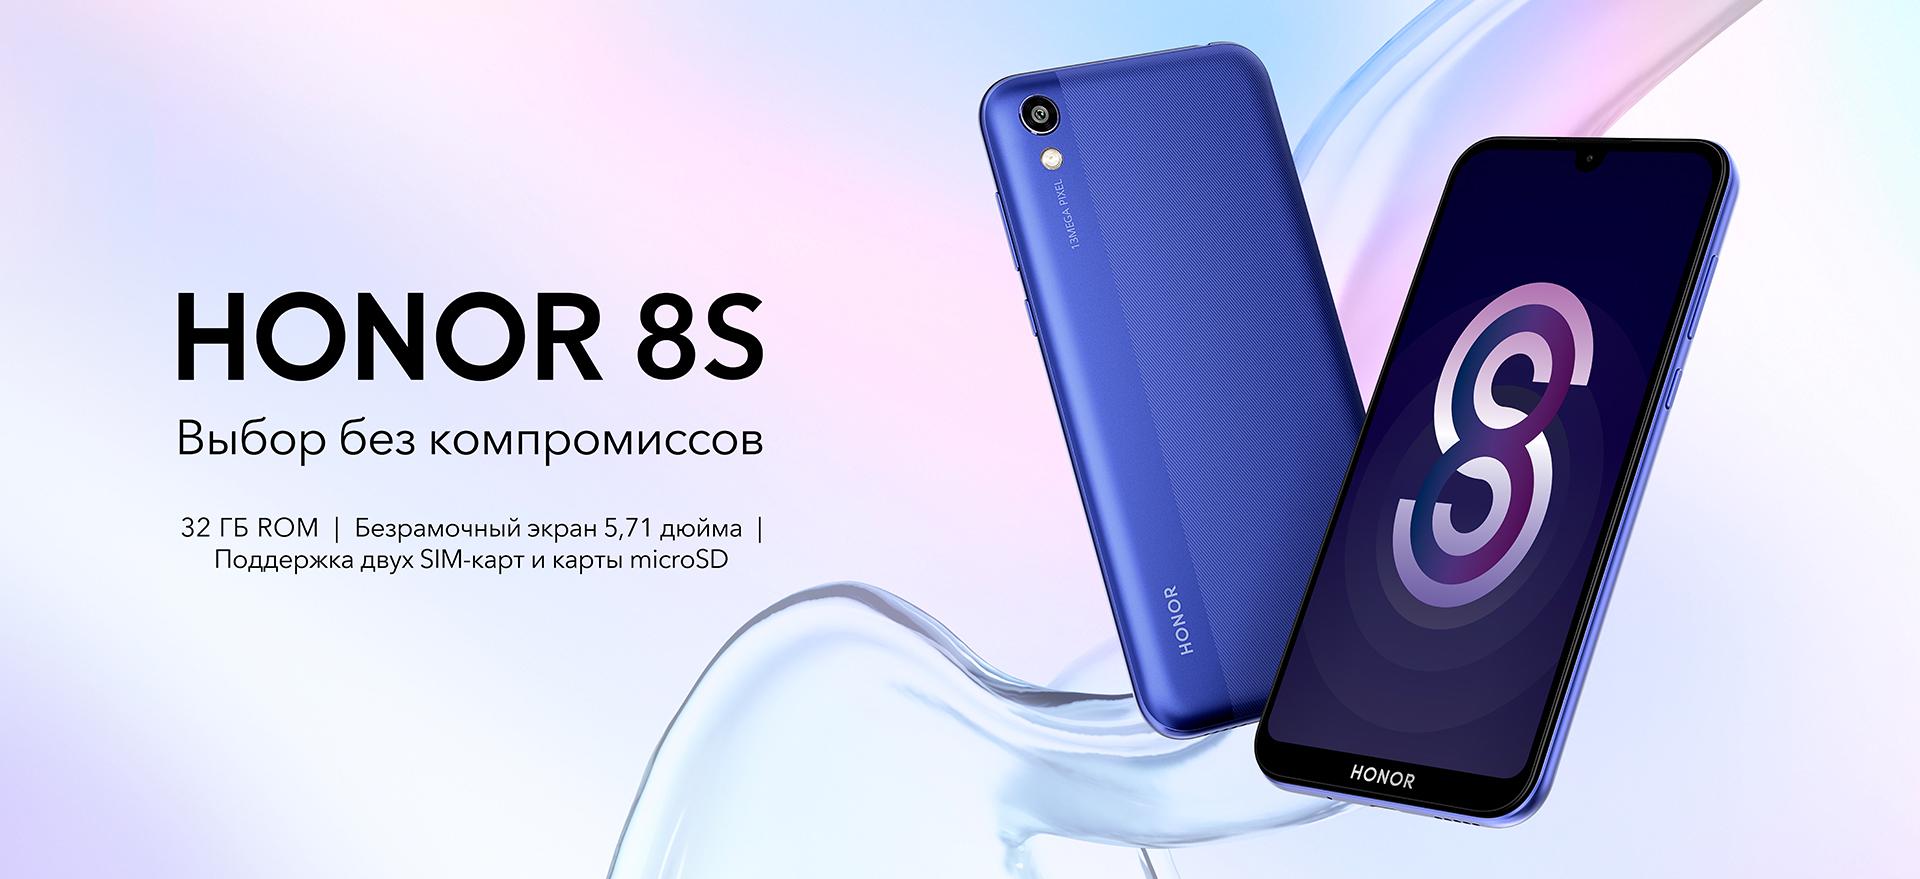 Honor 8S představen, další levný mobil do počtu